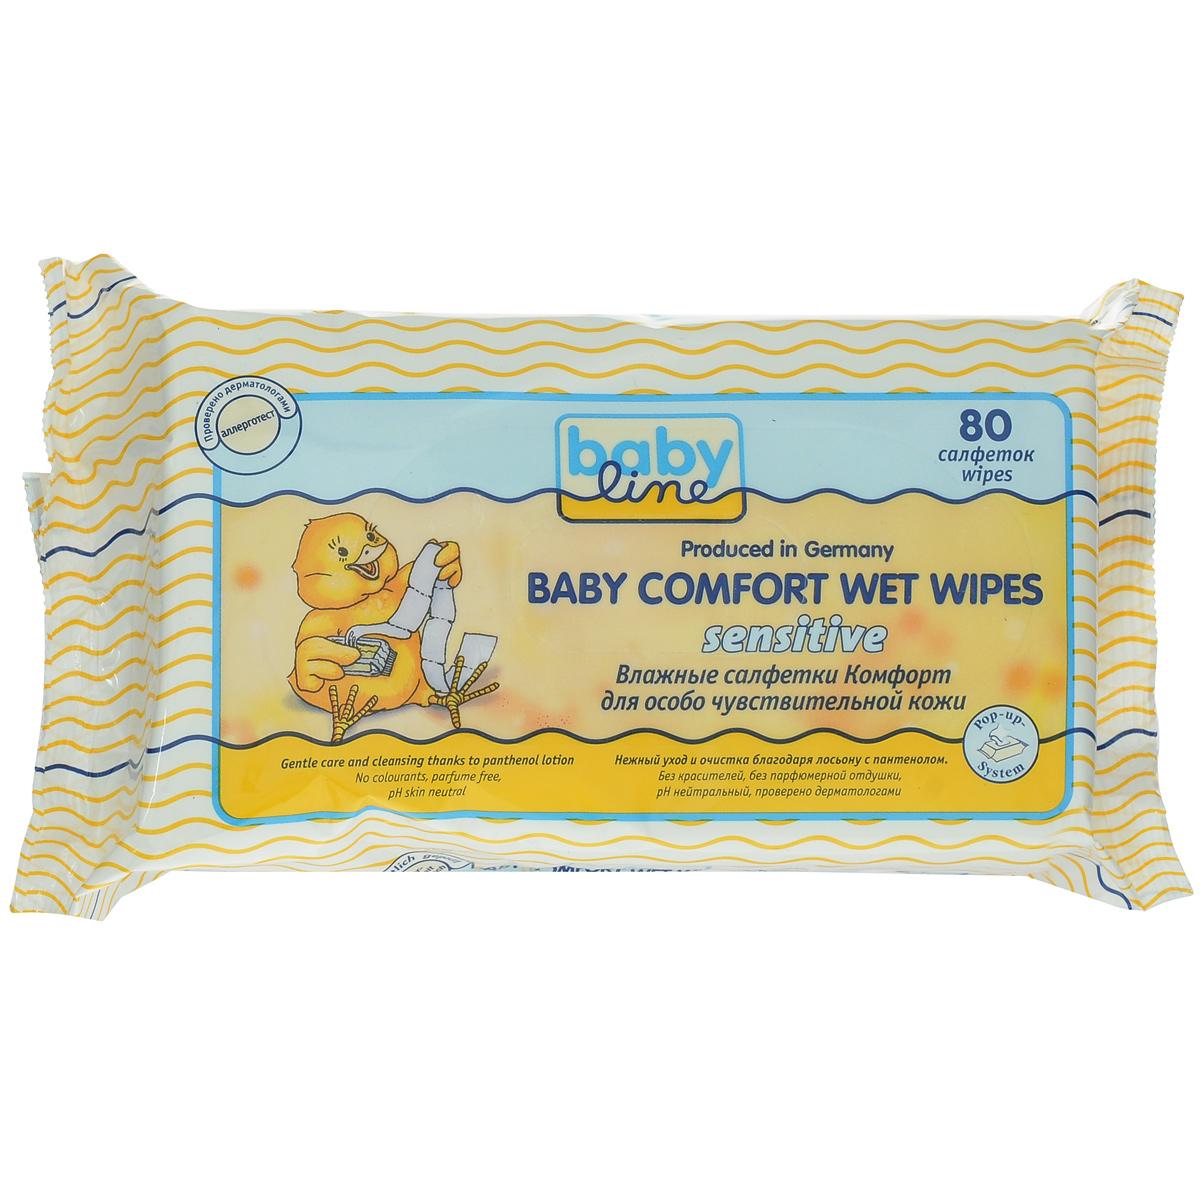 BabyLine Влажные салфетки Babe Comfort. Sensitivе, для особо чувствительной кожи, 80 шт babyline влажные салфетки комфорт 80 шт babyline